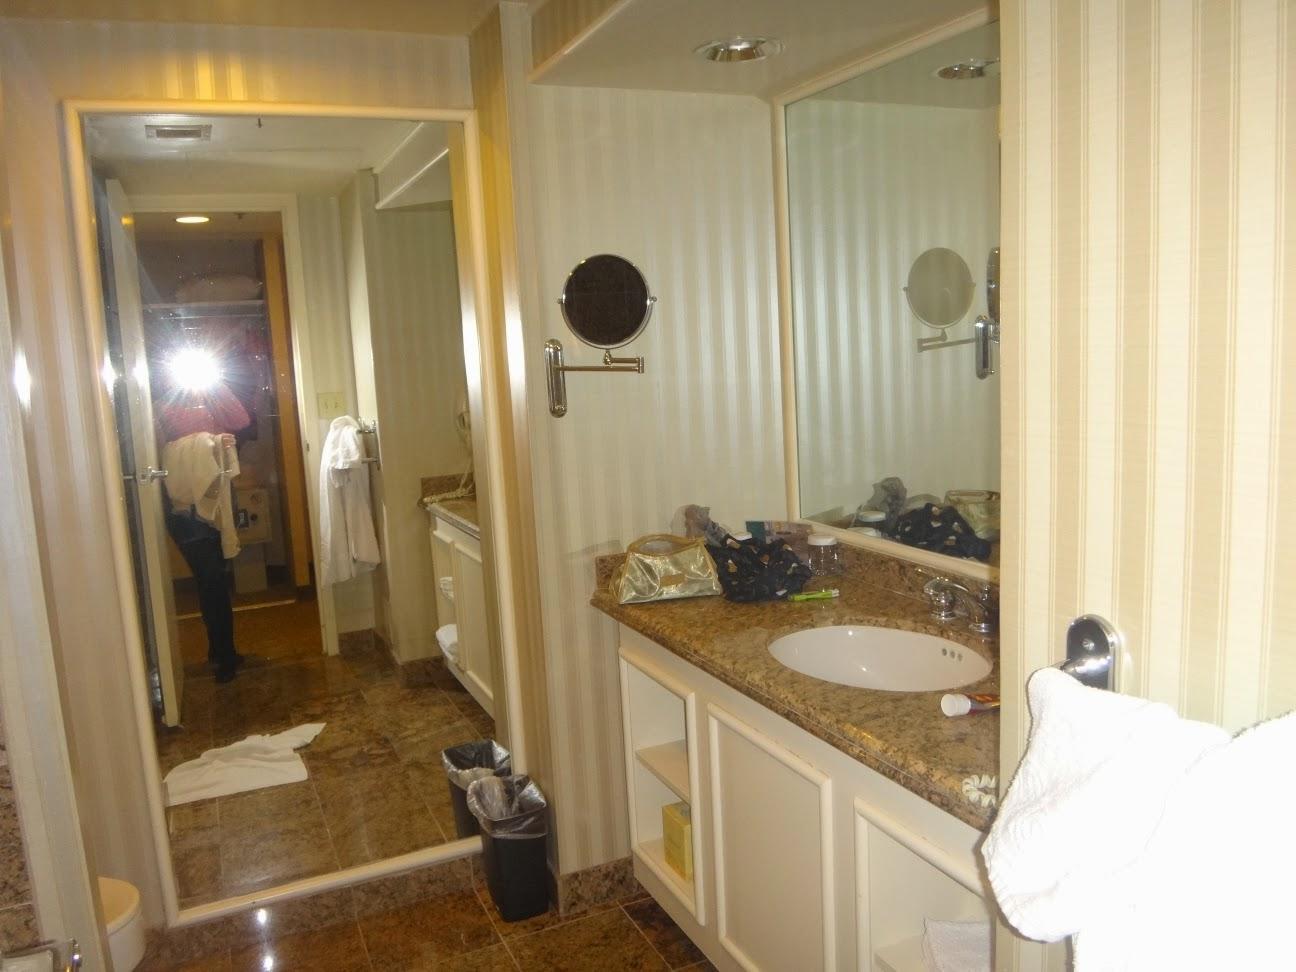 banheiro do quarto classico - hotel ballys - las vegas